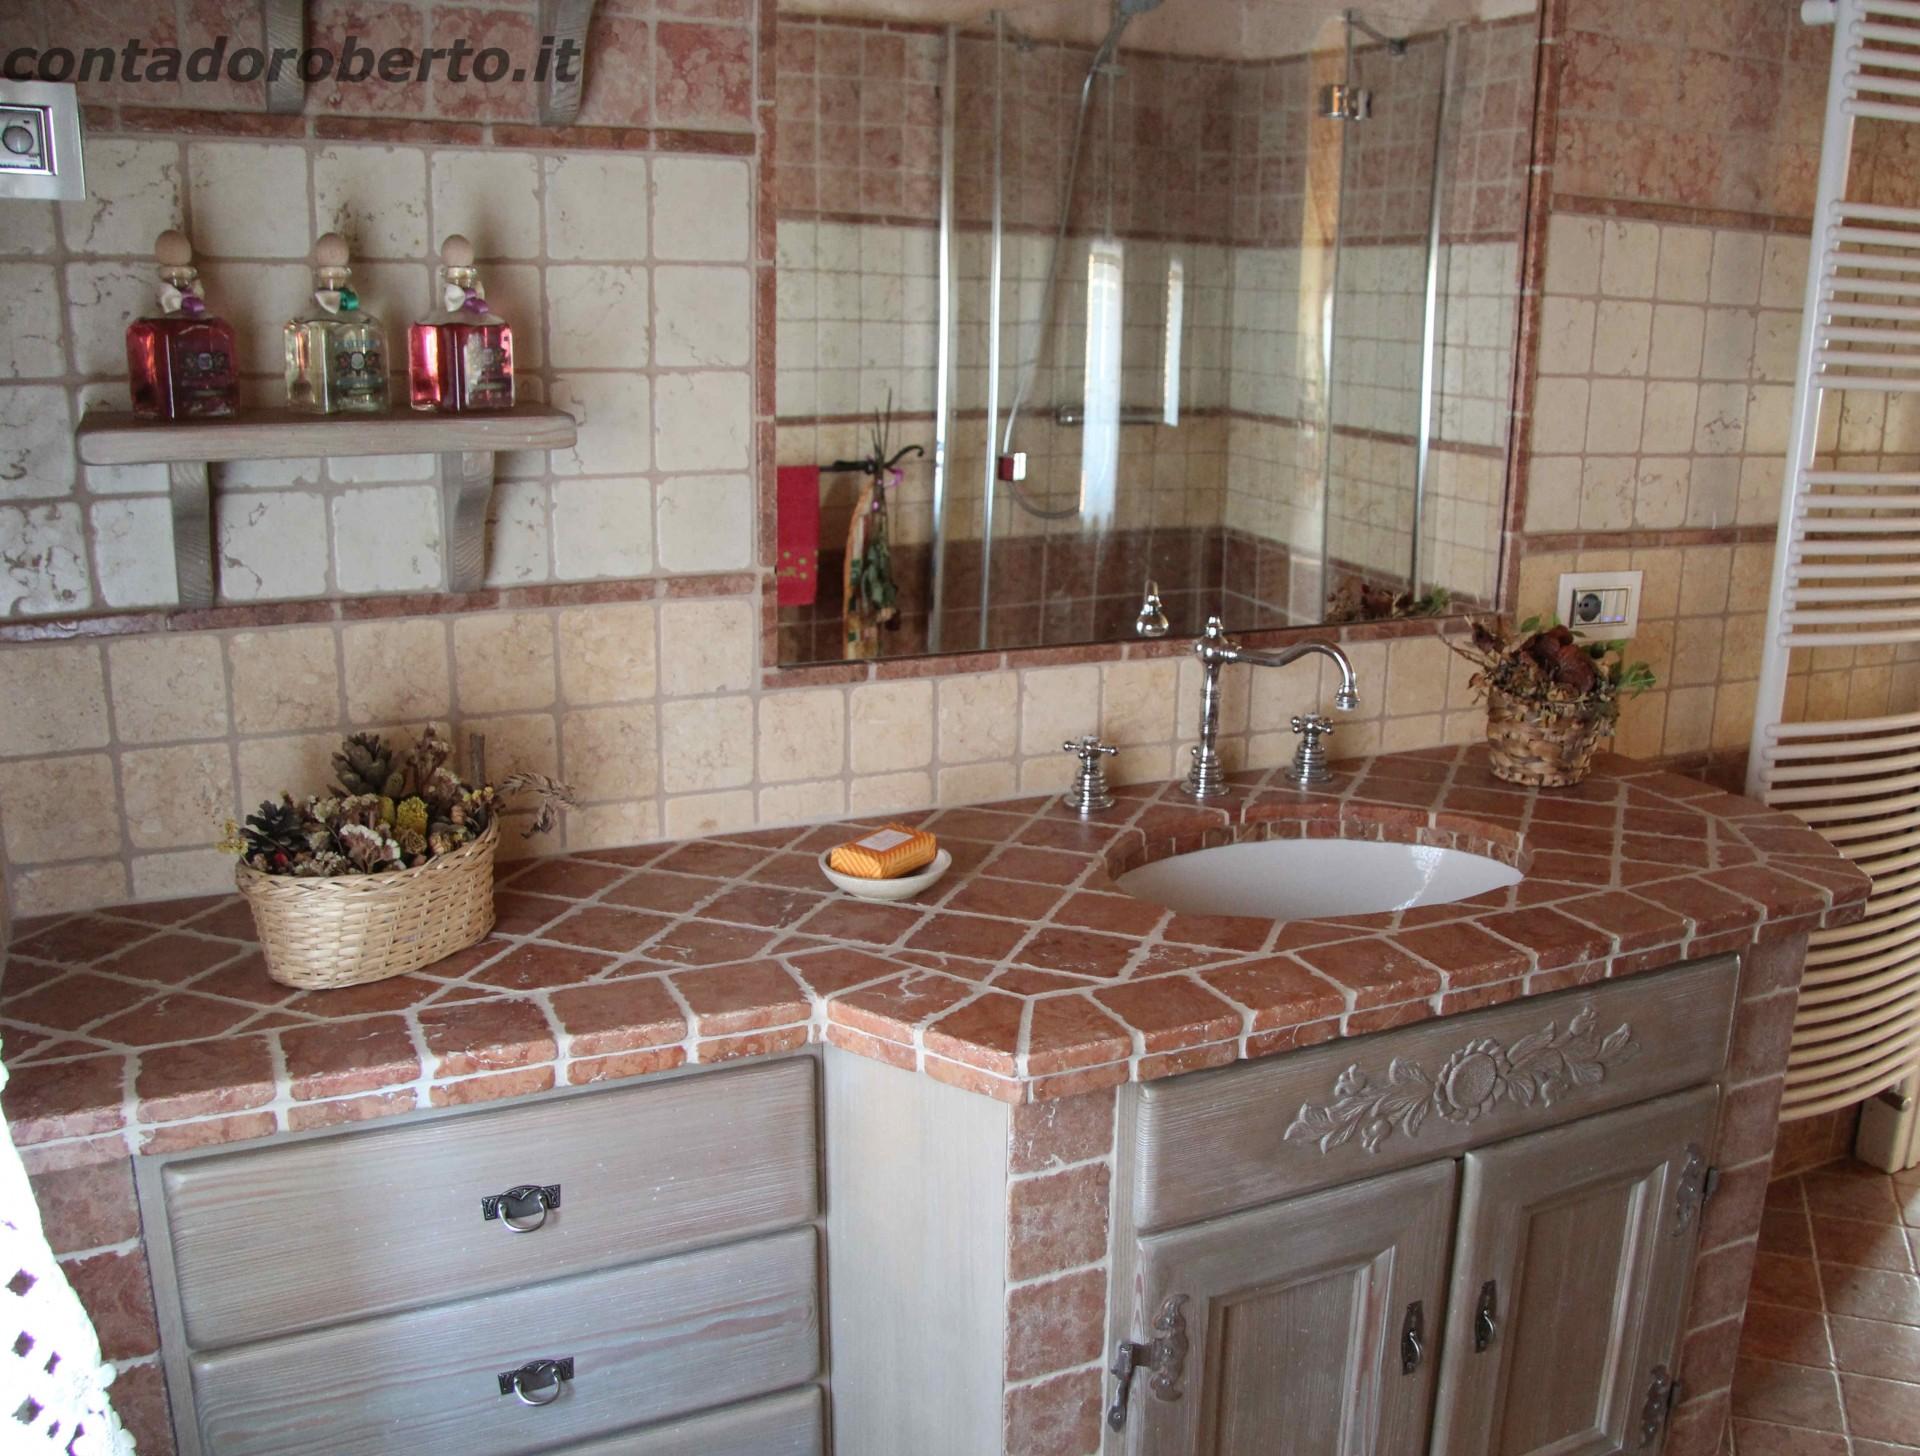 Home mobili da bagno bagno in larice con muratura rosso for Arredo bagno in muratura